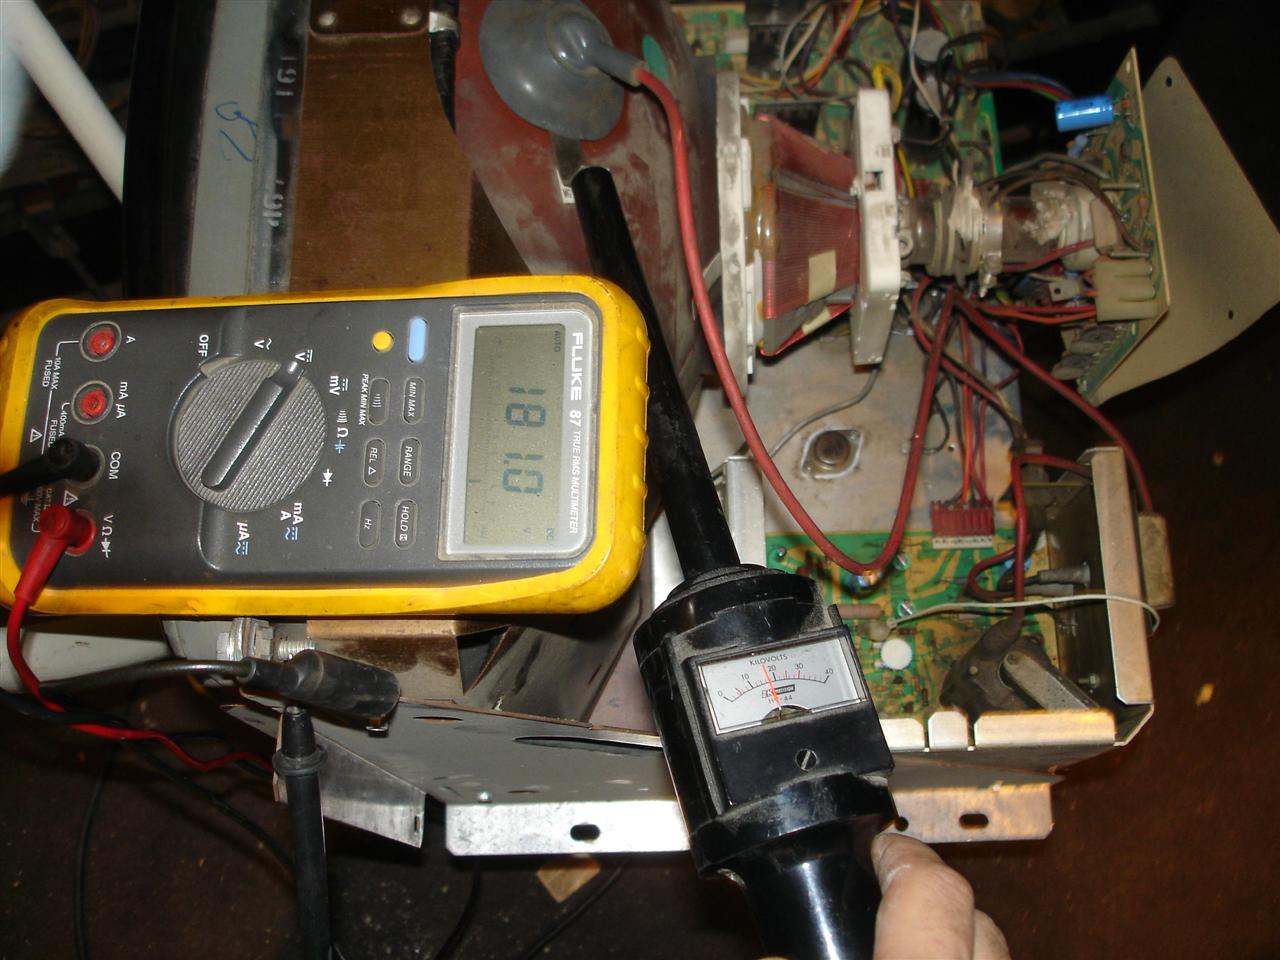 High Voltage Arcade : High voltage adjustment ok k hv probe required